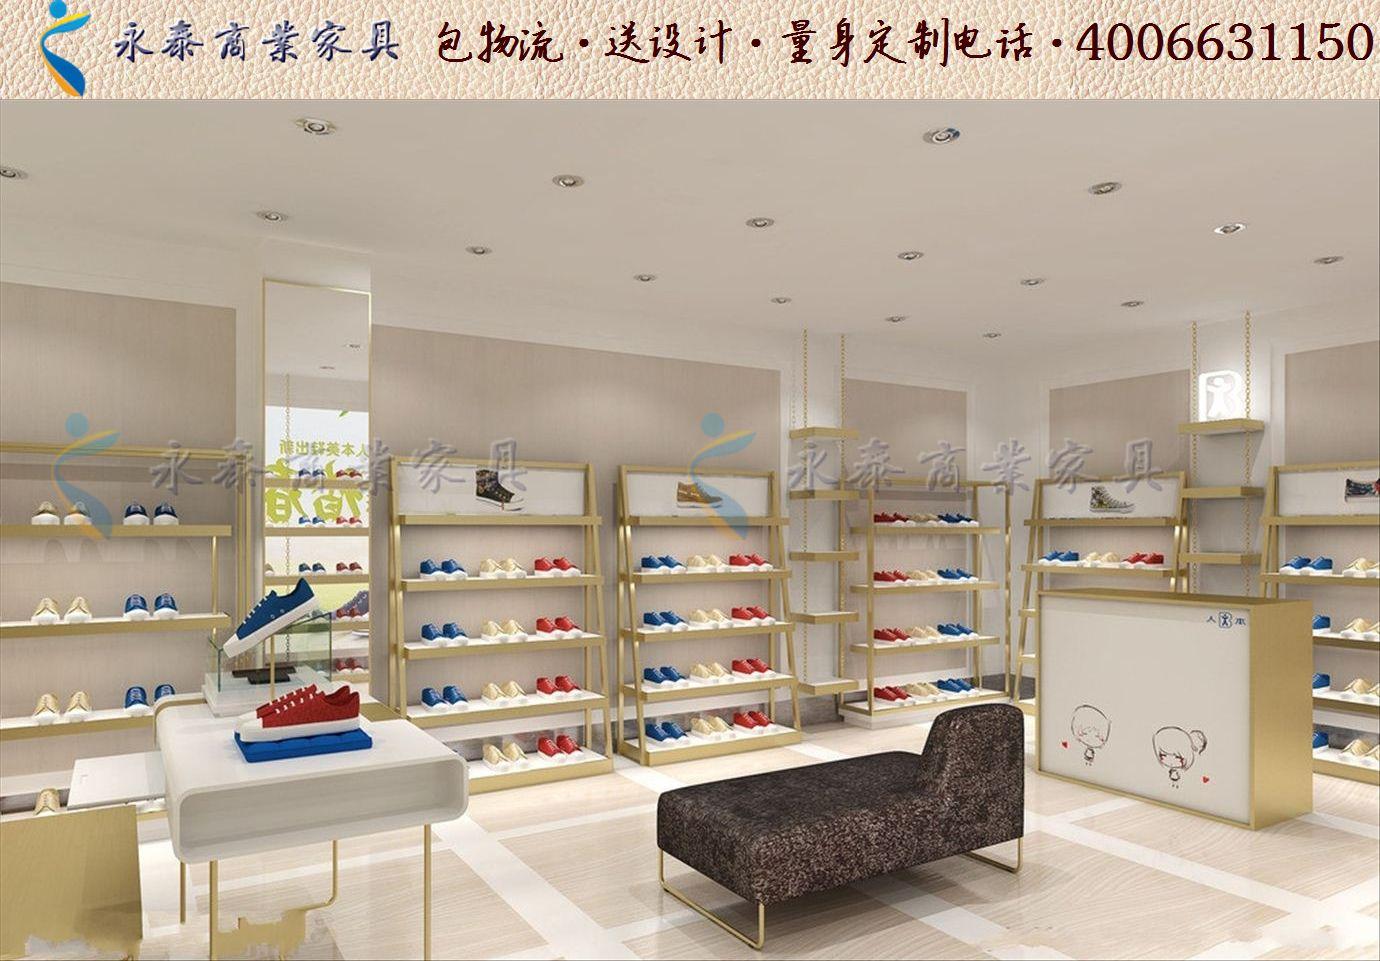 烤漆鞋店装修鞋架鞋柜效果图大全鞋店展示柜设计1210